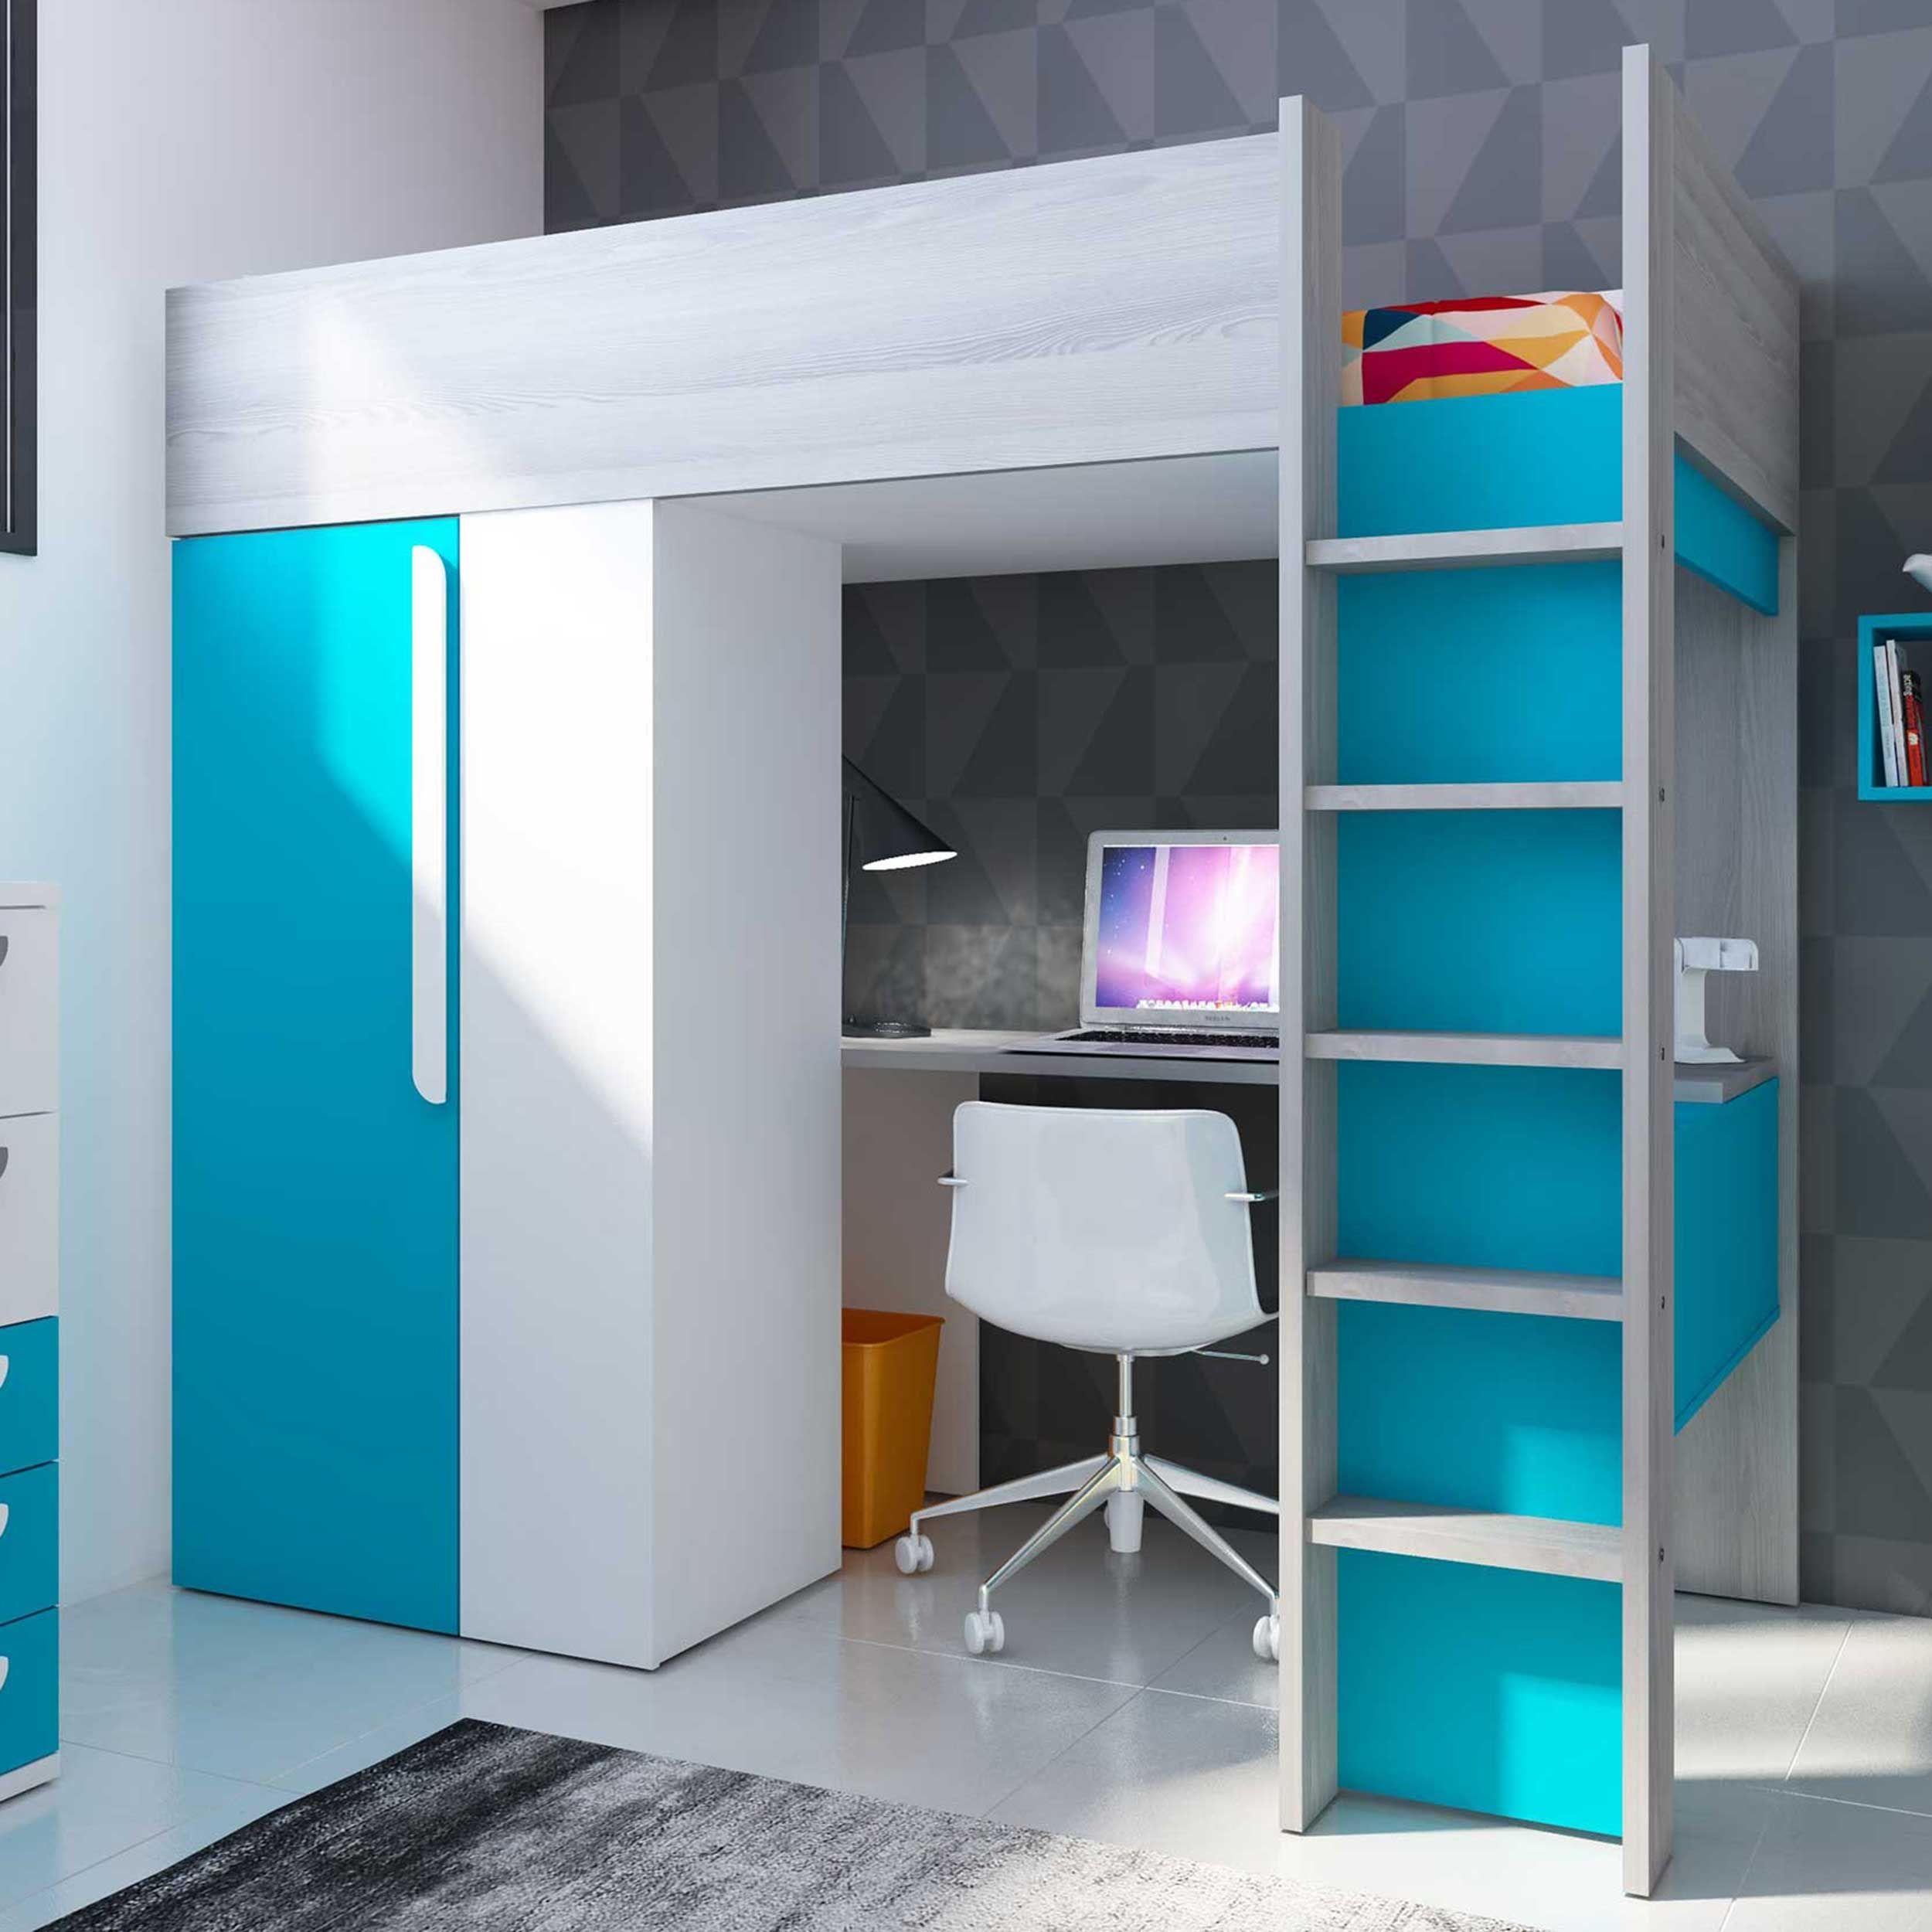 lit mezzanine beau avec bureau et armoire bleu